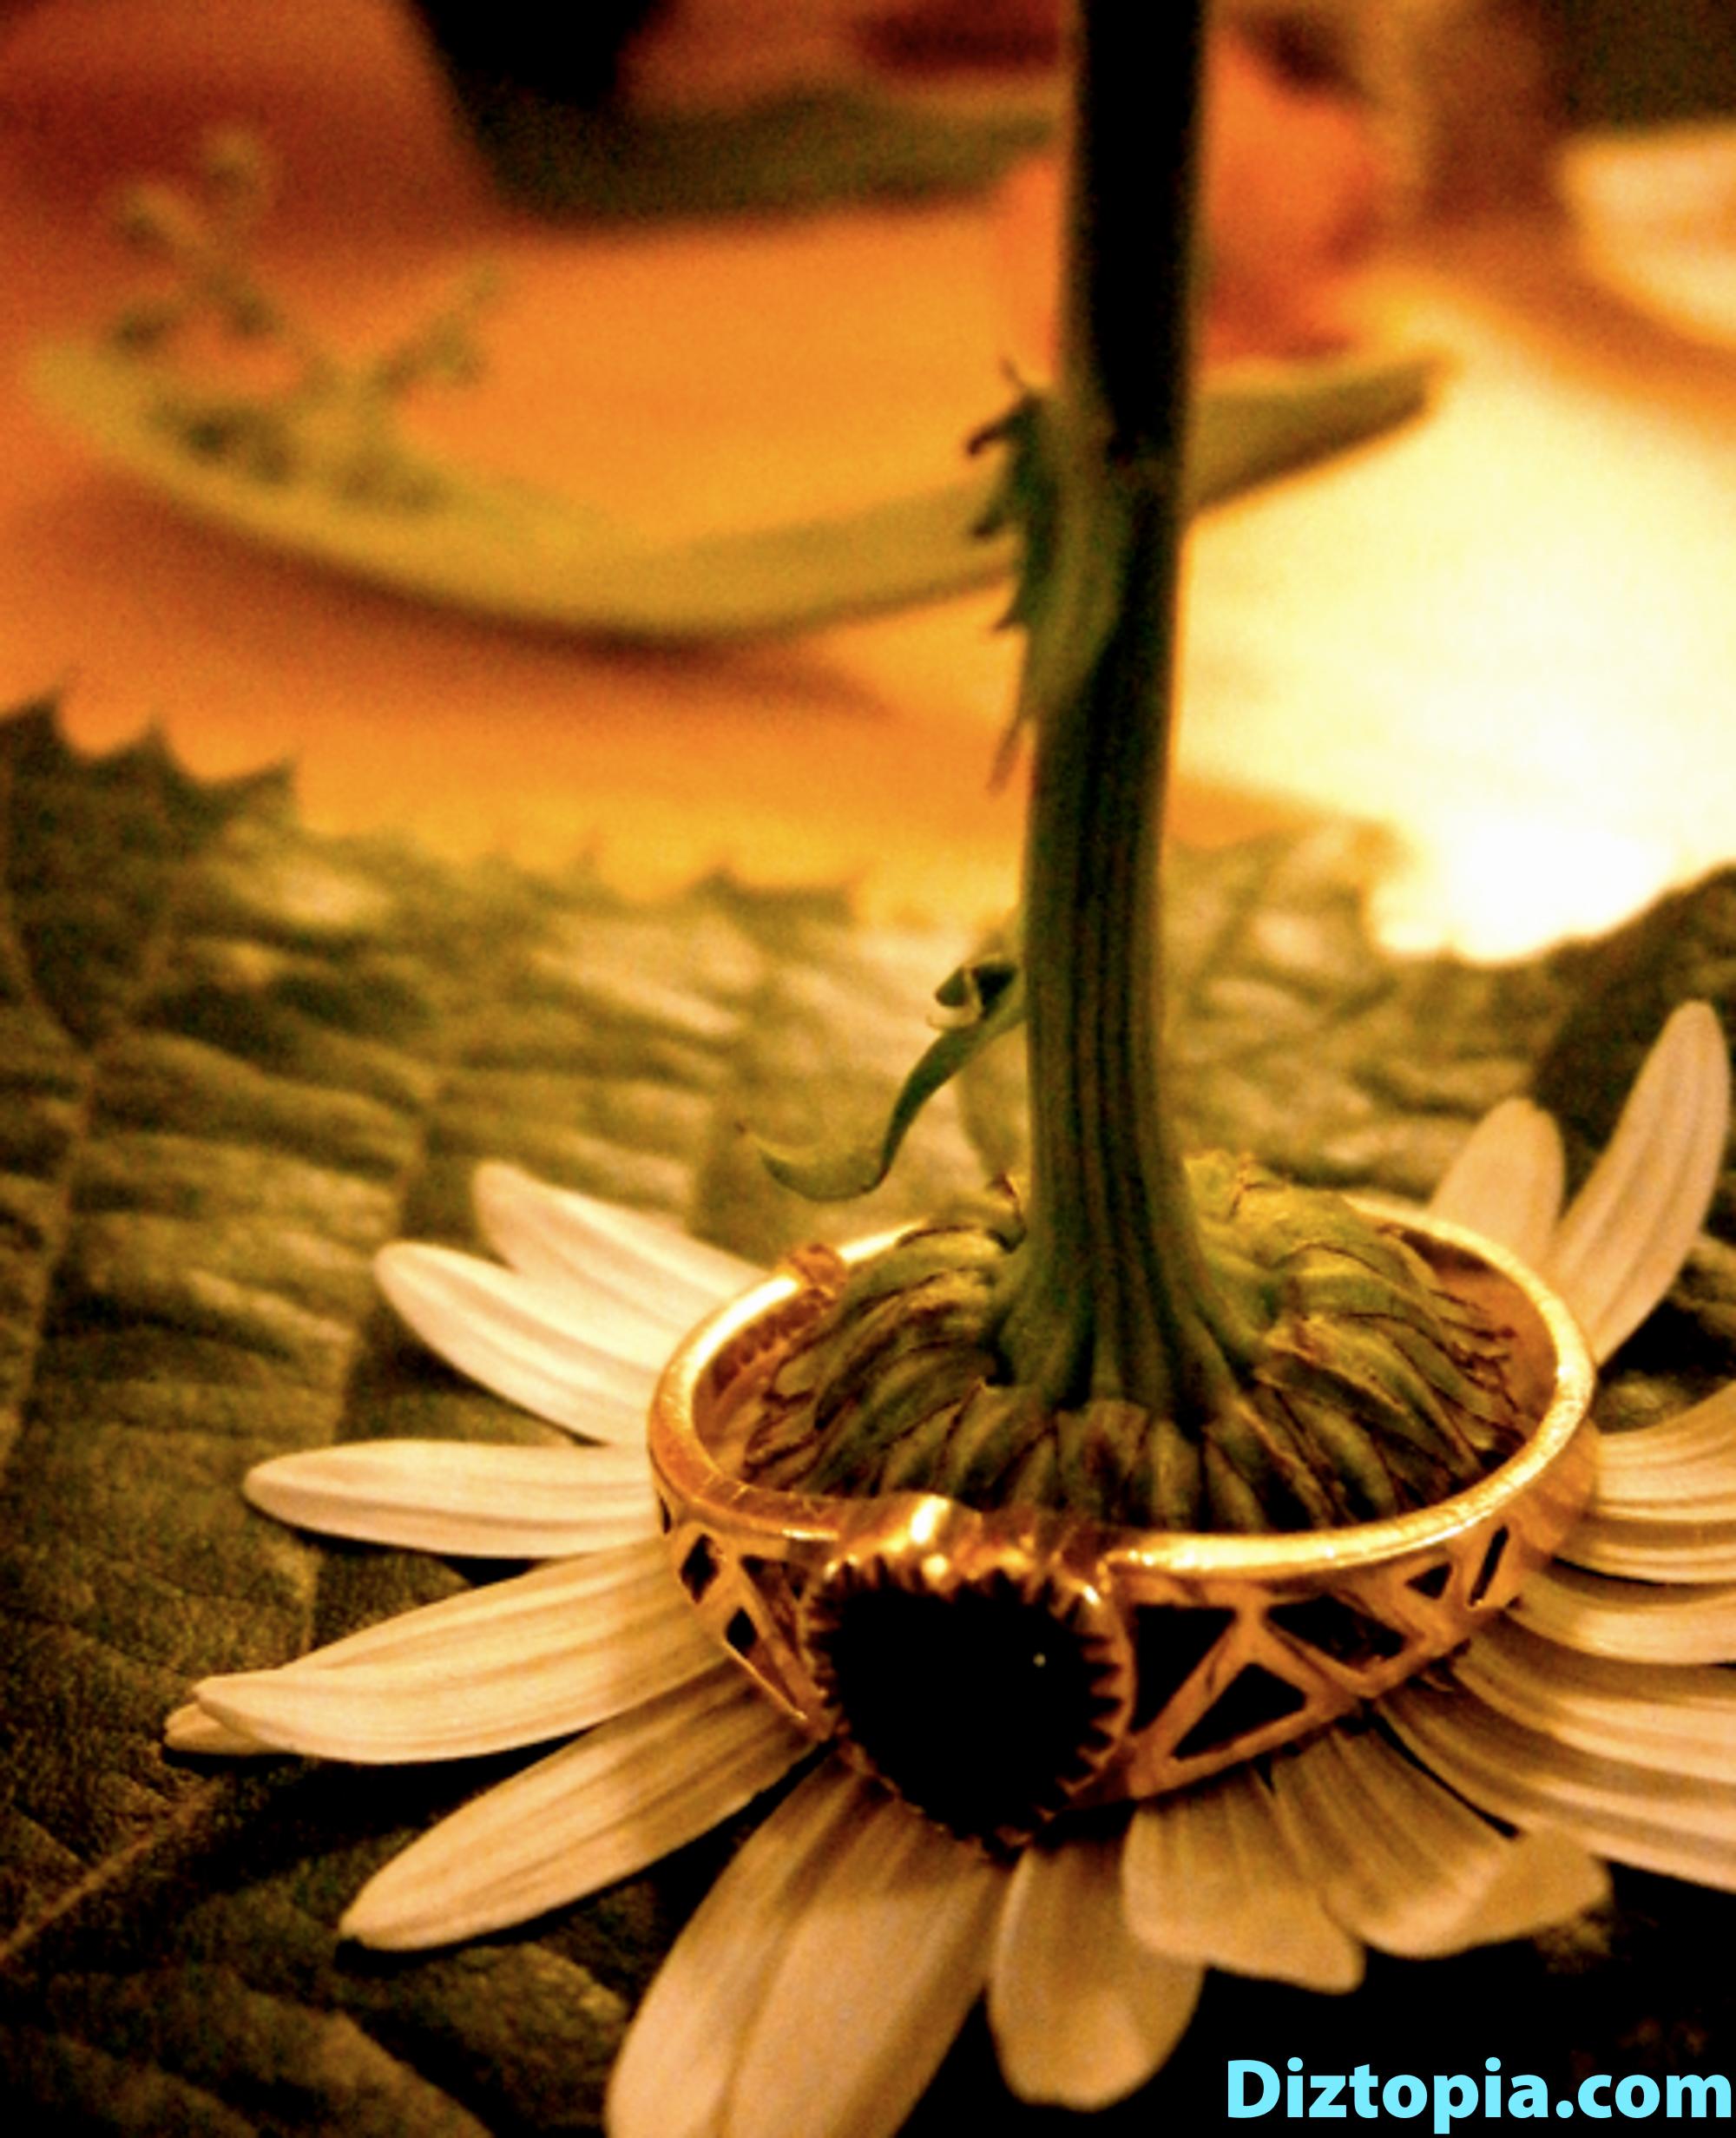 diztopia-com-dizma_dahl-photography-digicam-13